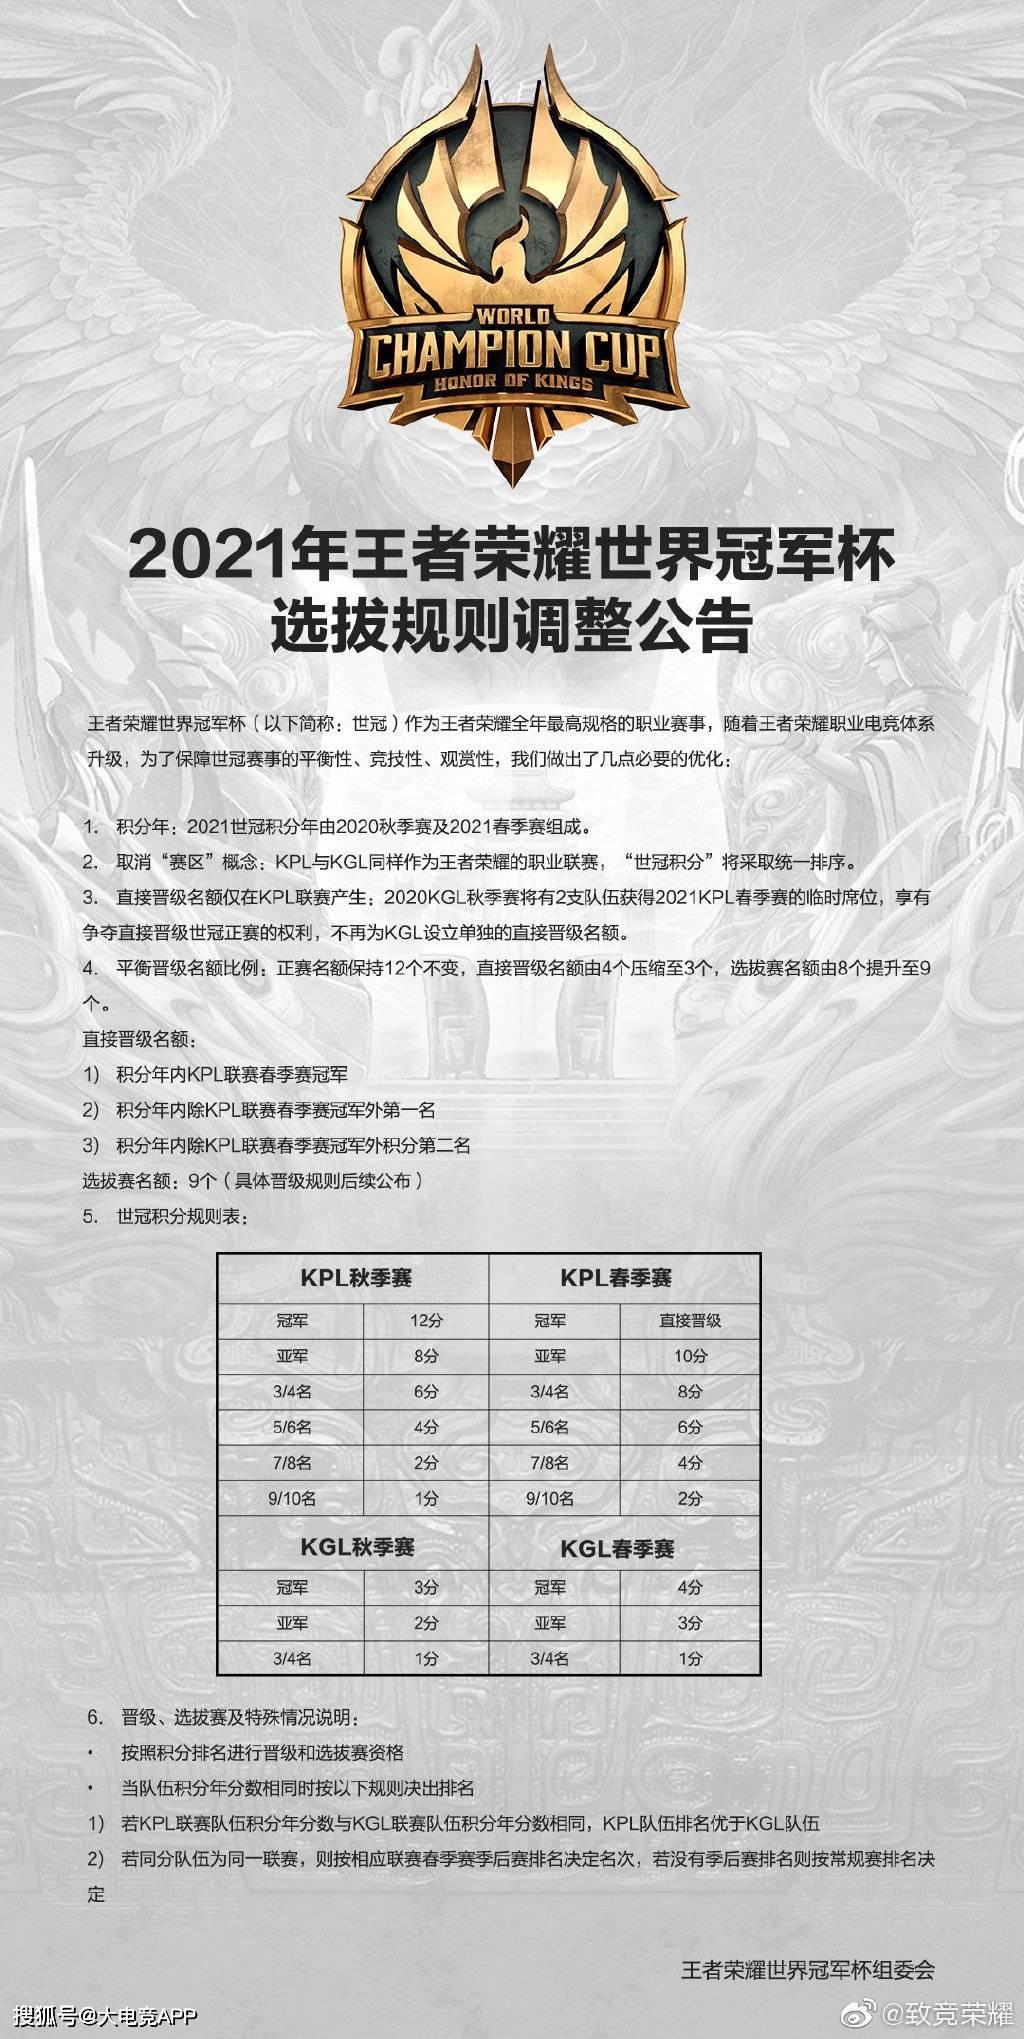 2021年王者荣耀世冠选拔规则调整,不再单独为